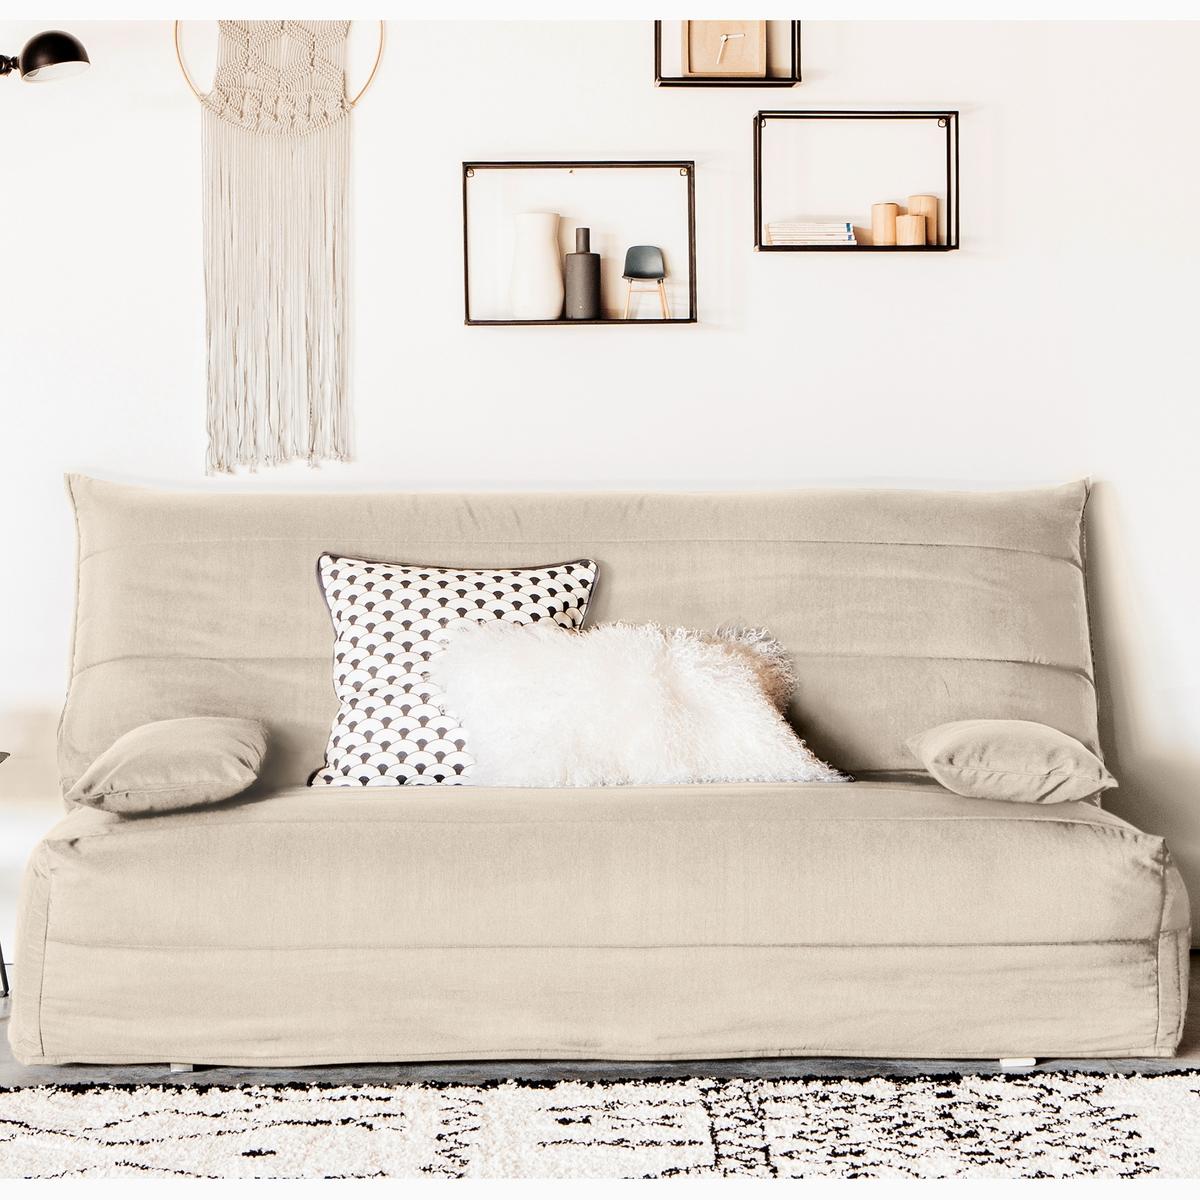 Чехол из полихлопка для диванаХарактеристики чехла для дивана  :- Хорошо облегает, покрывает целиком диван (частично спинку дивана)   Эластичные края. - Прострочка в виде линии  .- Стирка при 40°С.Размеры чехла для дивана  :- ширина 140 см, или 160 см  .<br><br>Цвет: бежевый,гранатовый,серый жемчужный,сине-зеленый,синий индиго,темно-серый,черный,экрю<br>Размер: 140